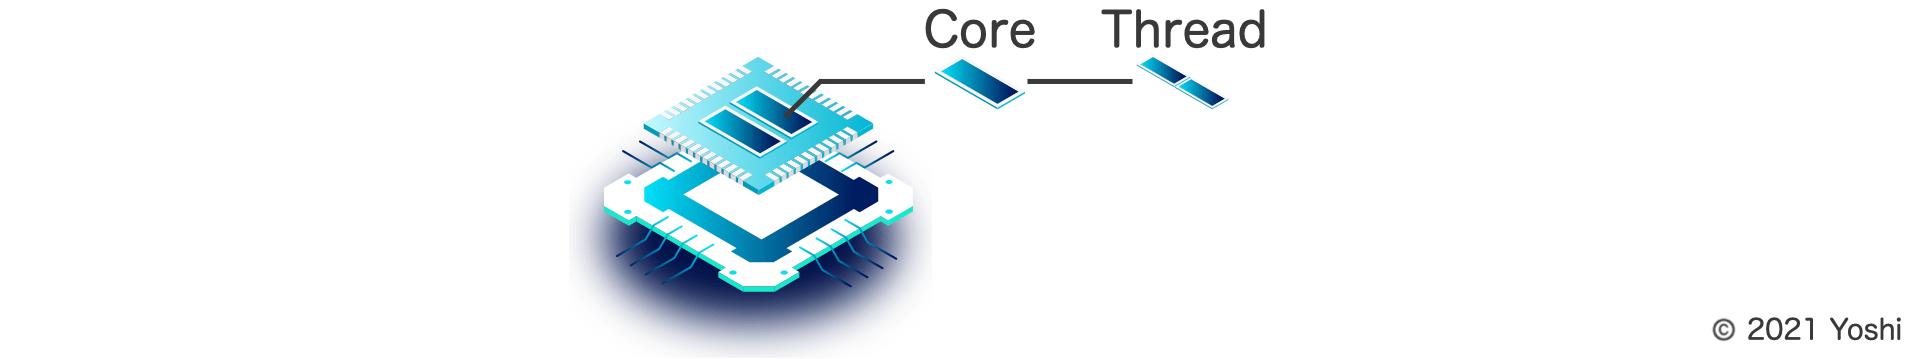 CPU thread